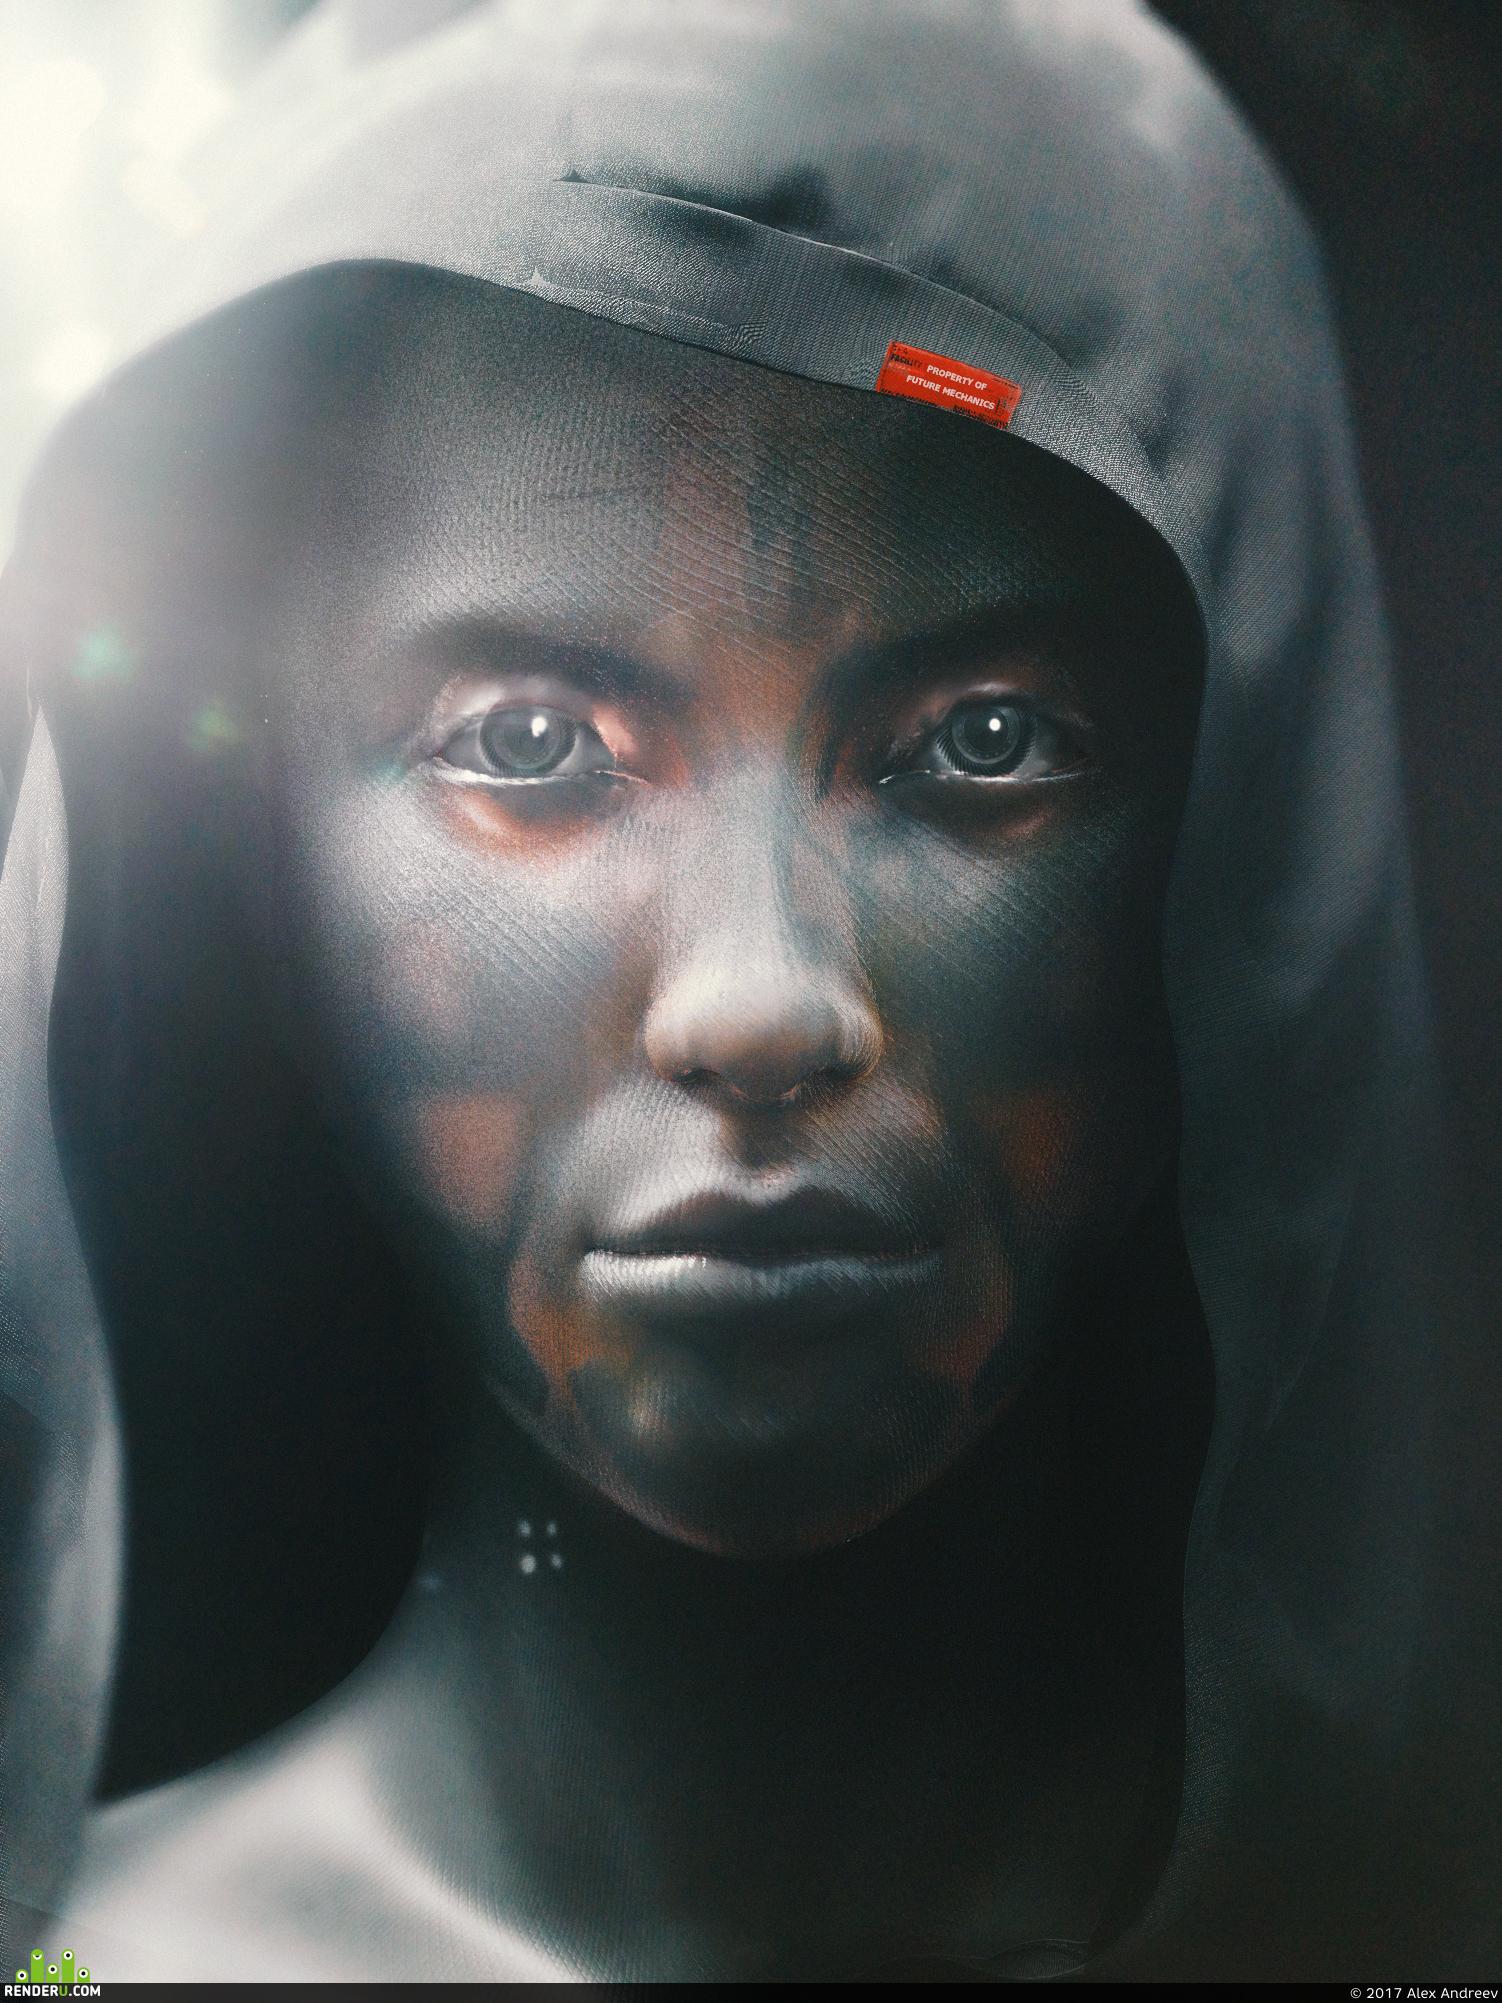 preview Cyborg Portrait